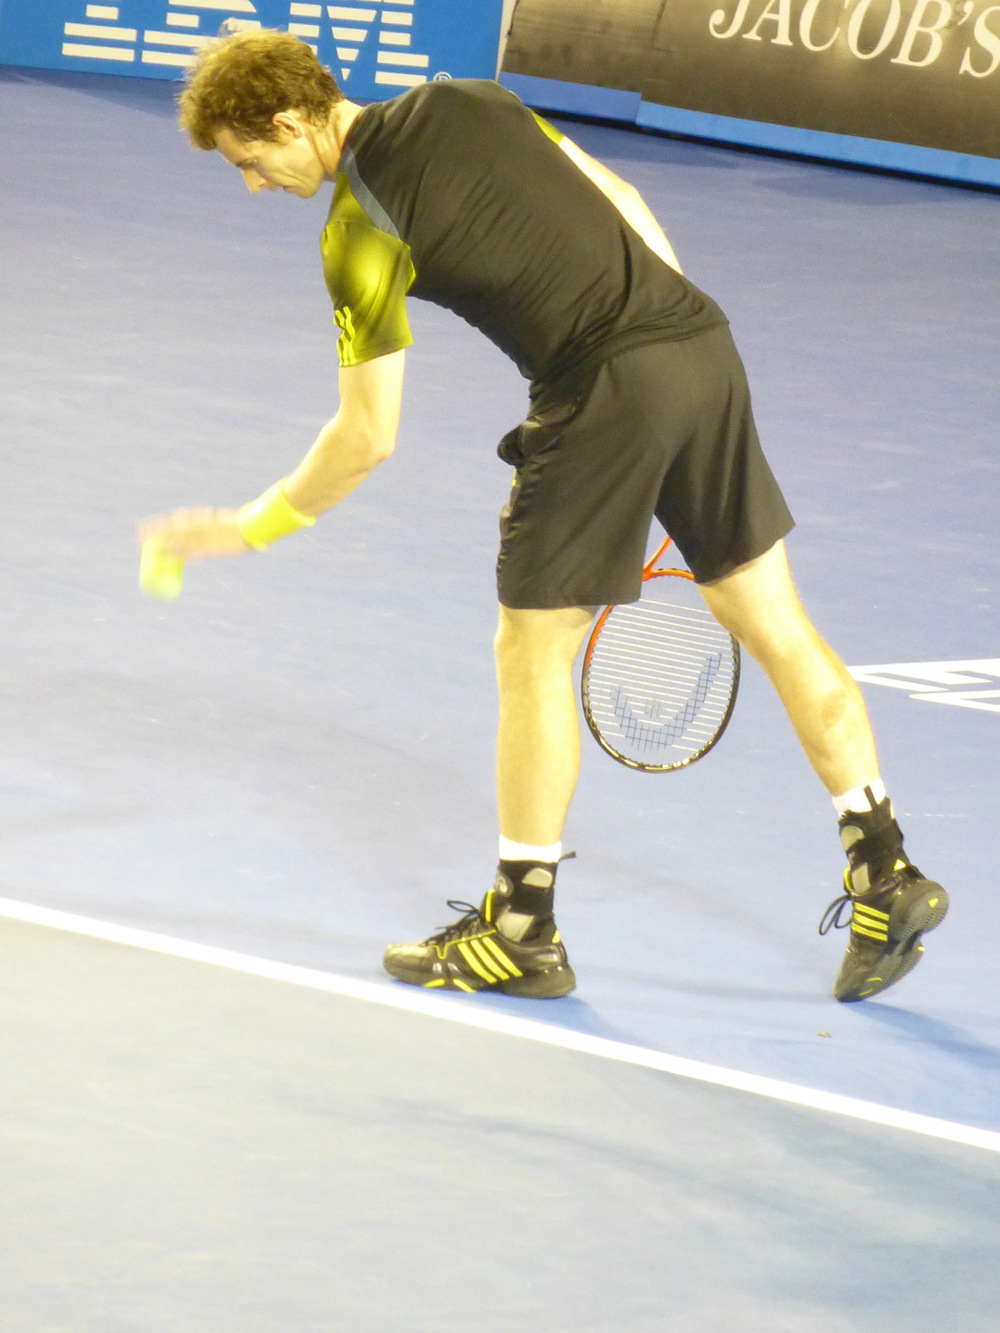 tennis-match18.jpg